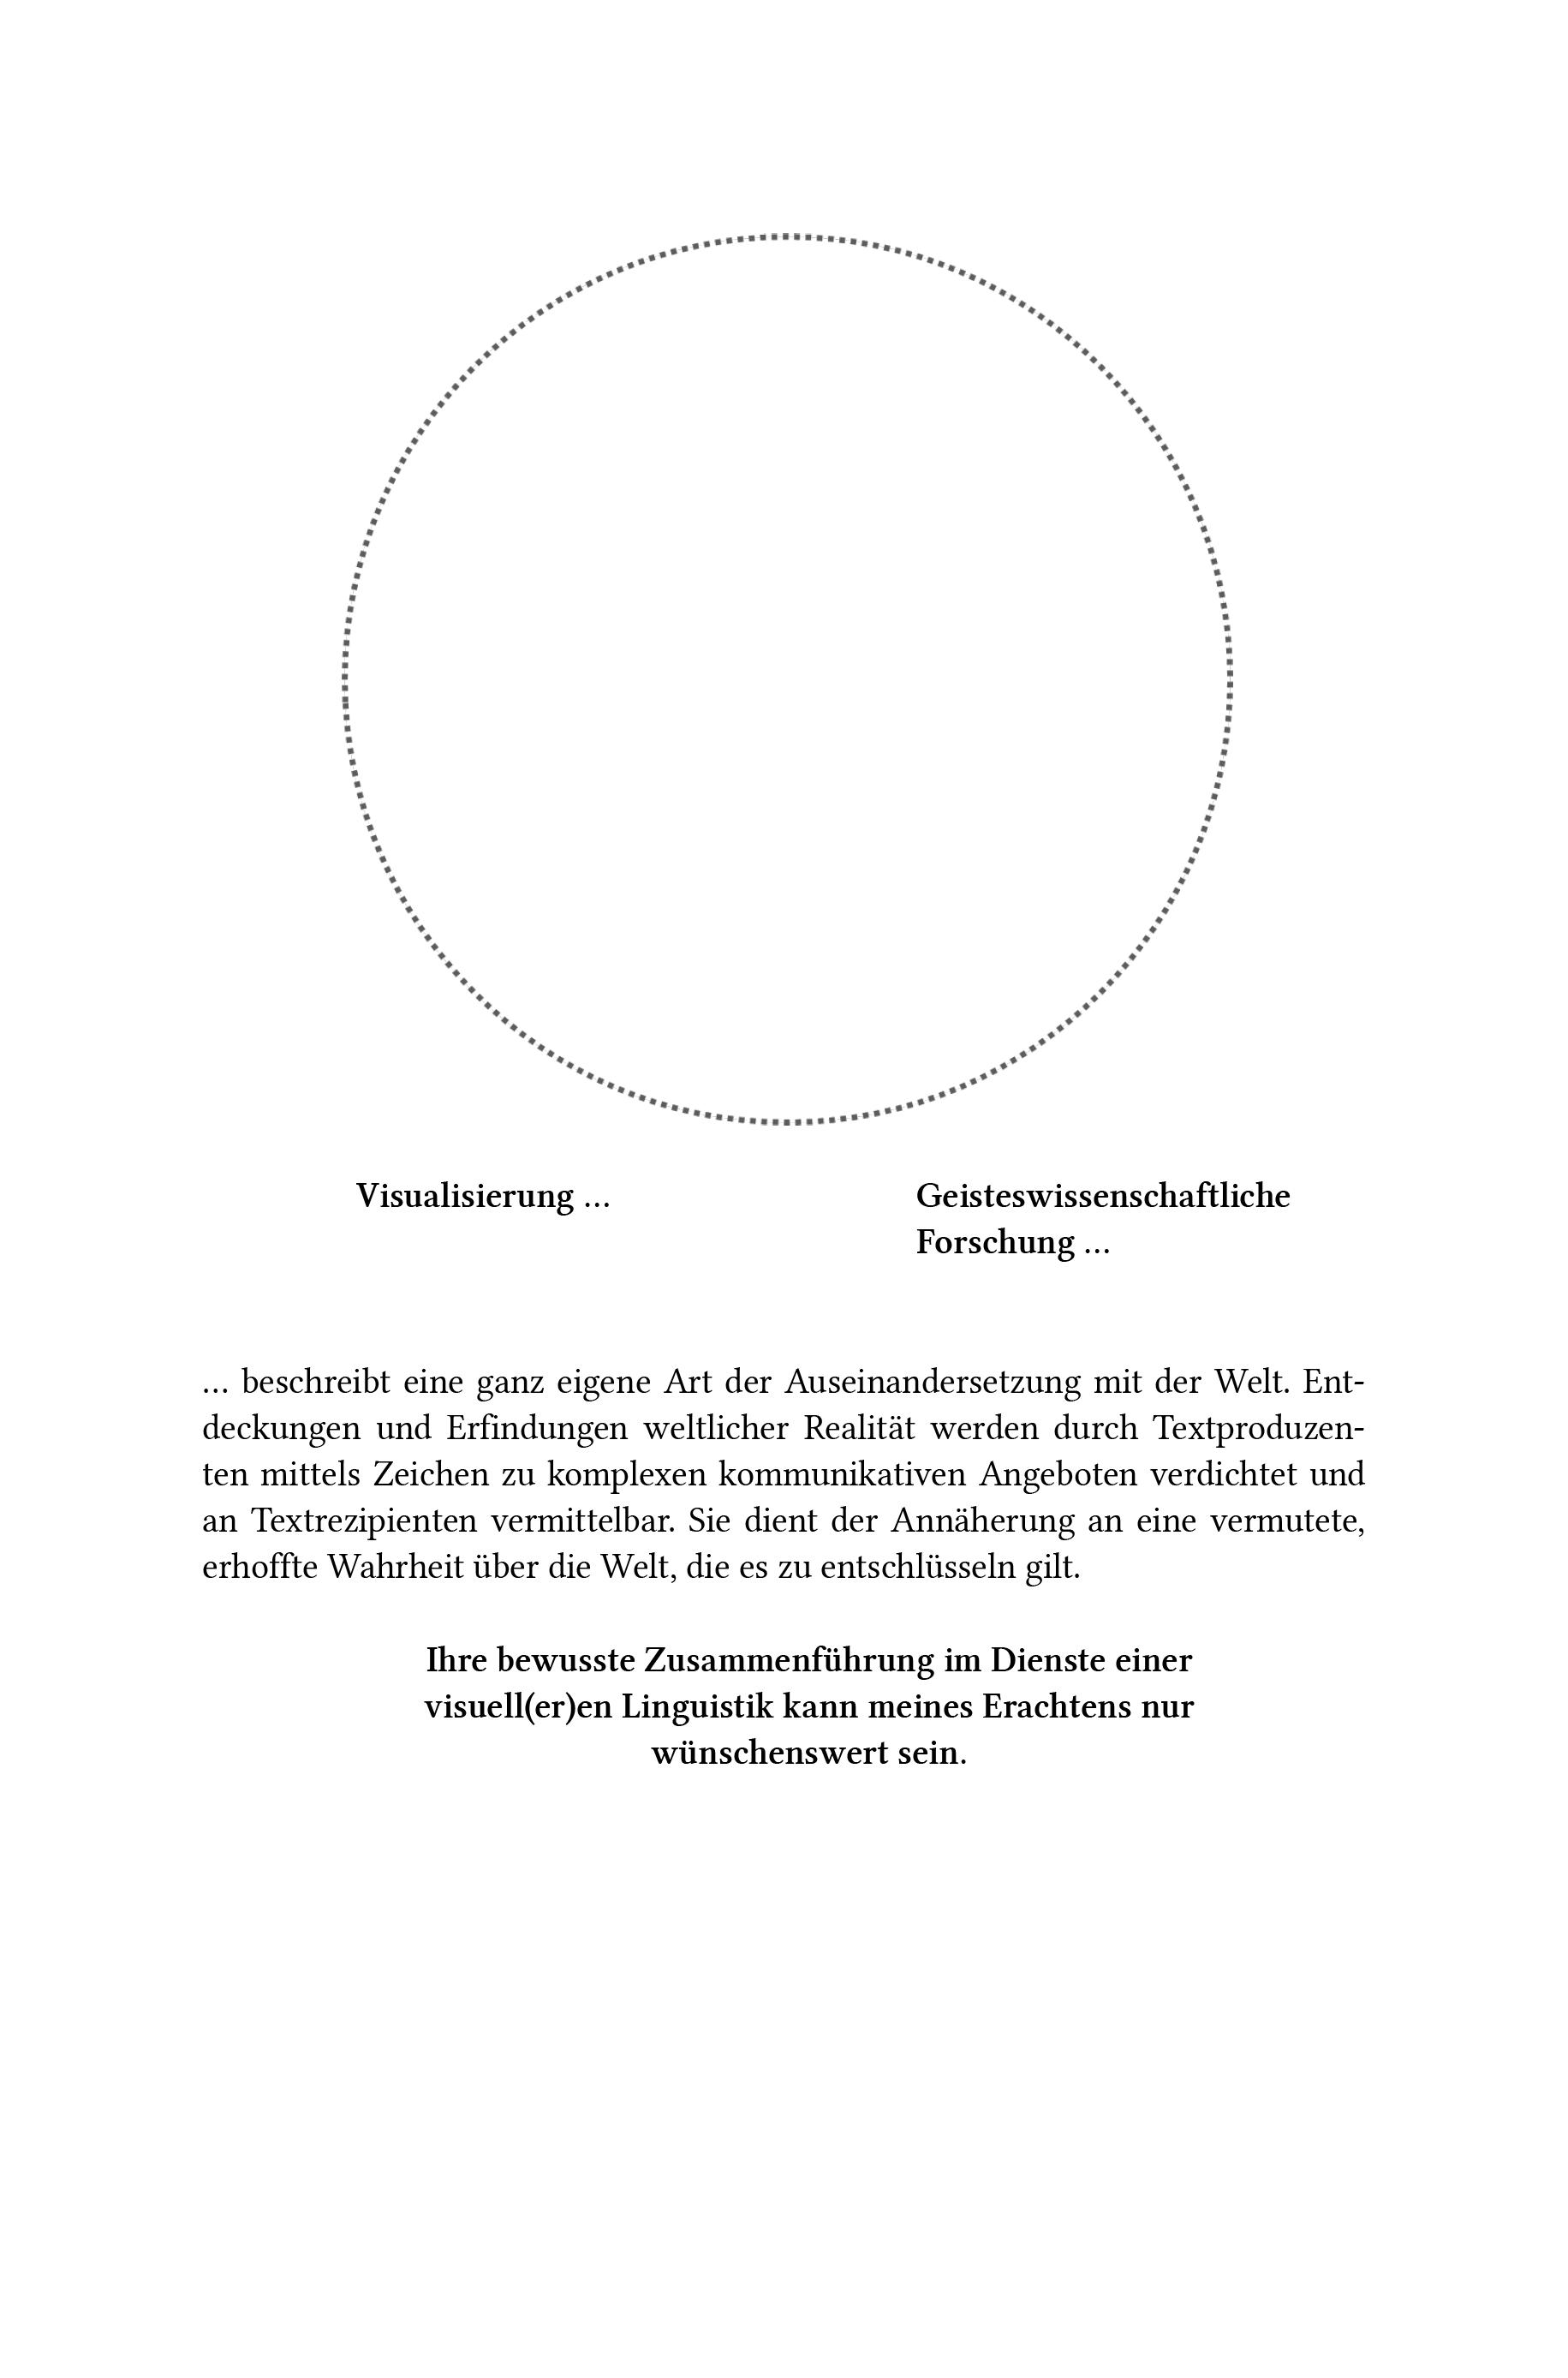 heiup Marc Kupietz, Noah Bubenhofer, Rainer Perkuhn, Mark Lauersdorf ...